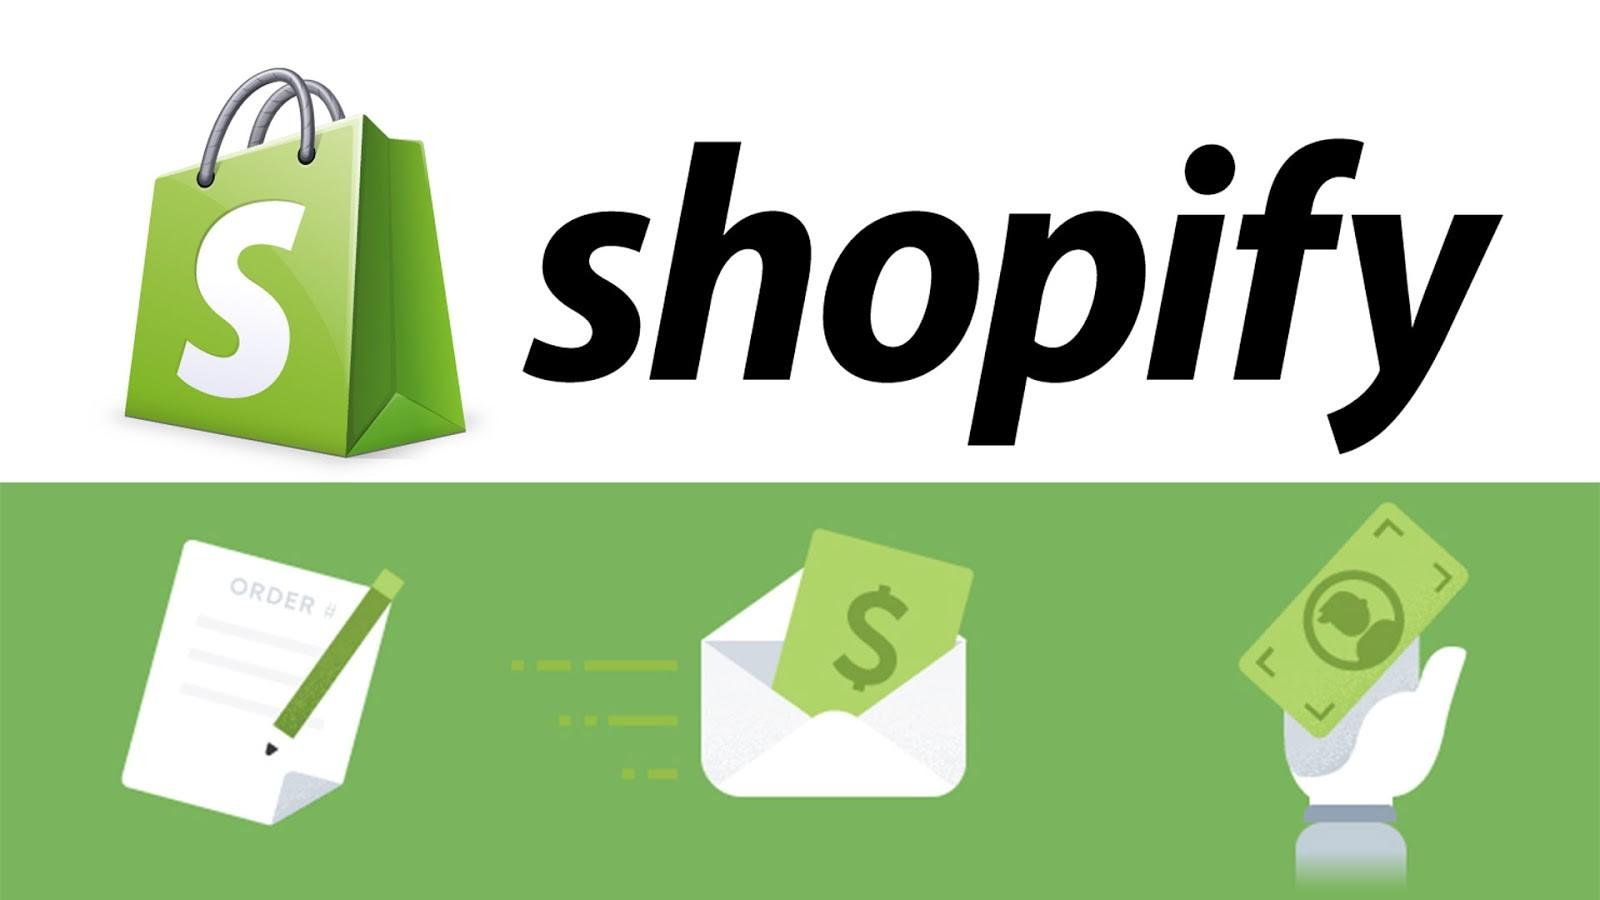 Shopifyの料金体系アイキャッチ